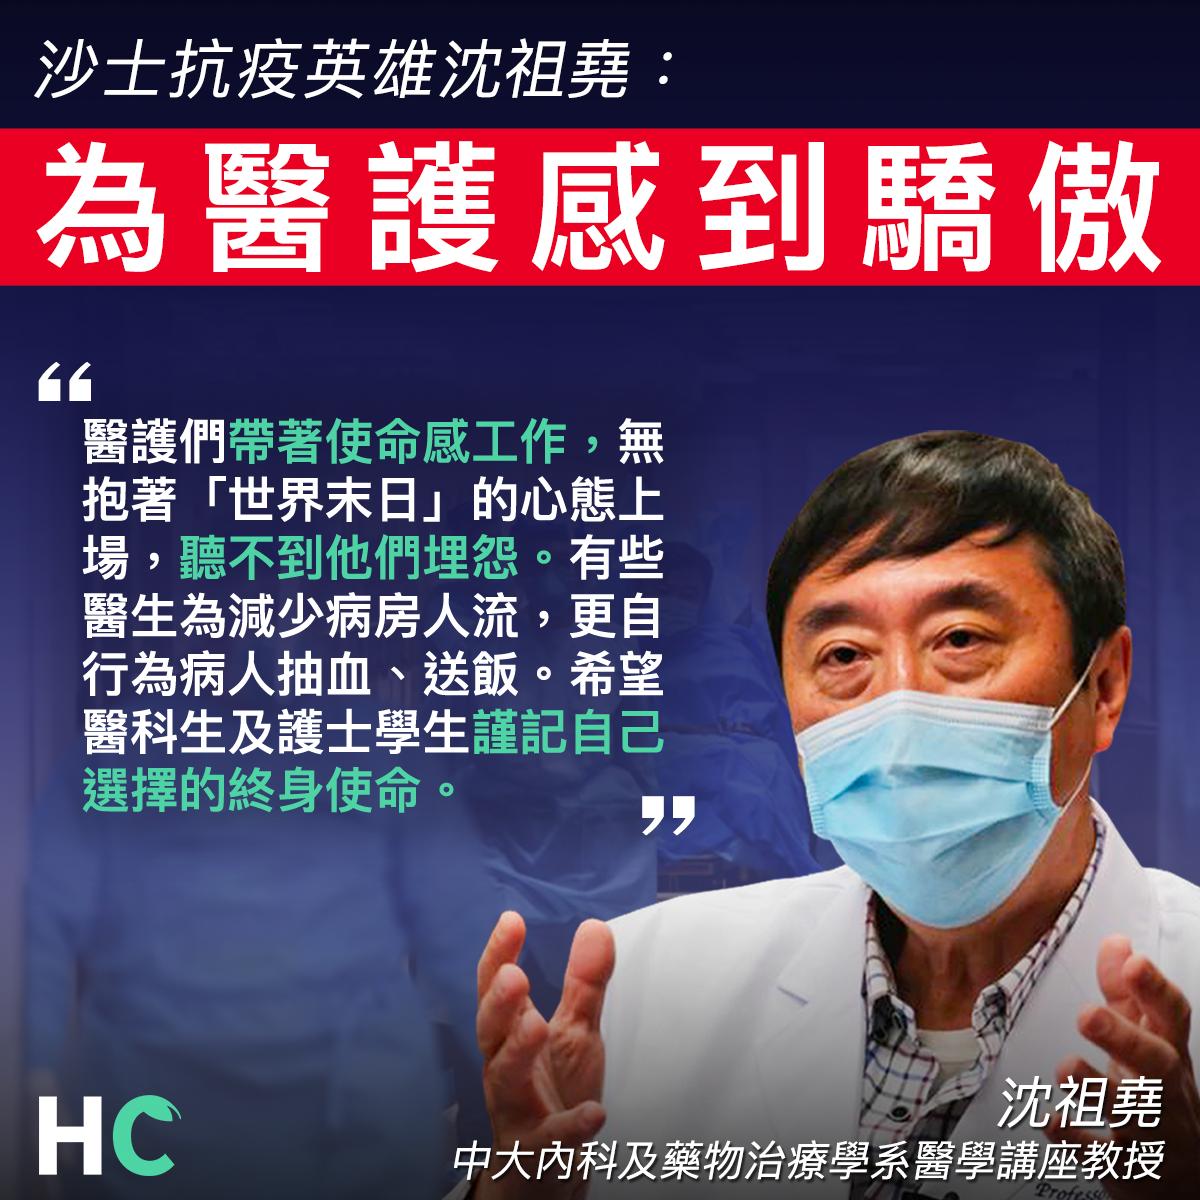 【#武漢肺炎】沙士抗疫英雄沈祖堯:為醫護感到驕傲